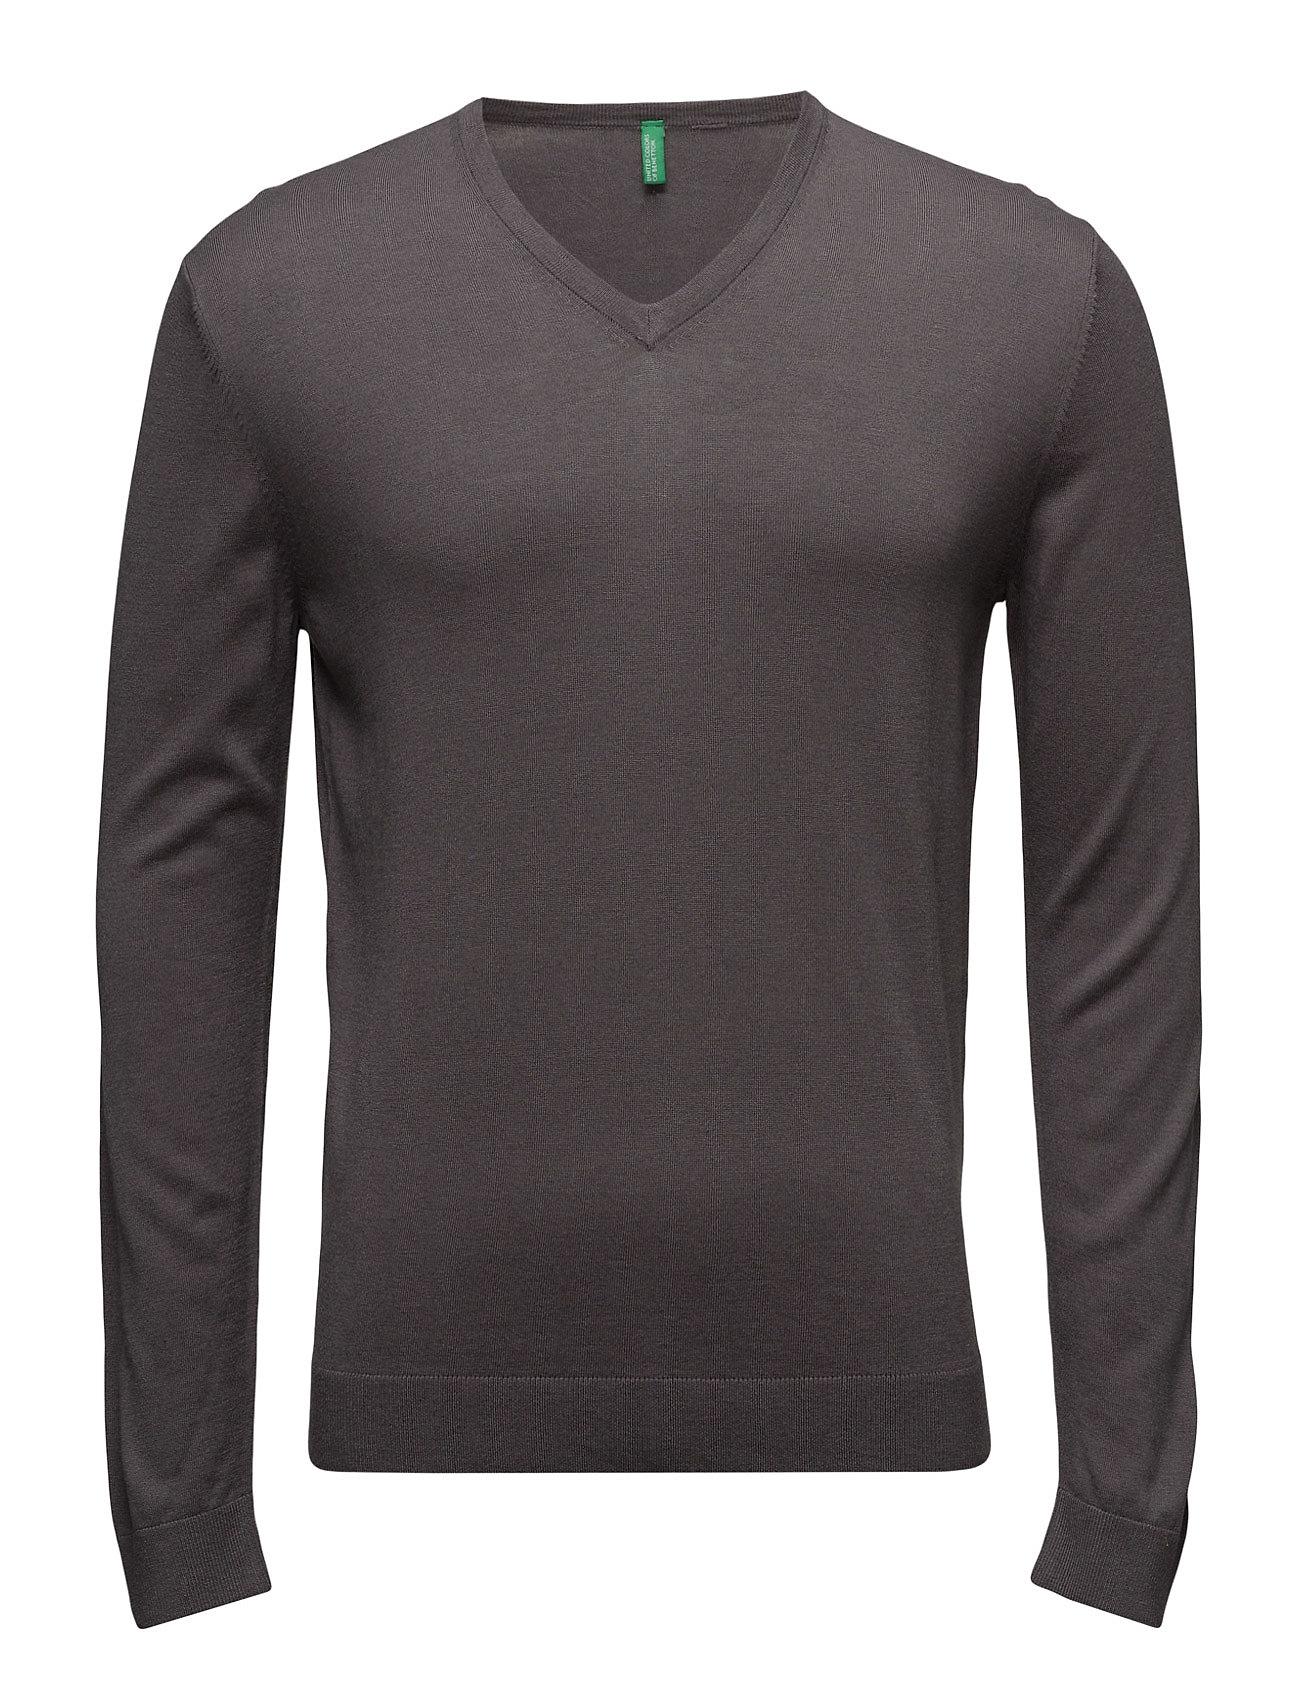 V Neck Sweater L/S United Colors of Benetton Striktøj til Mænd i